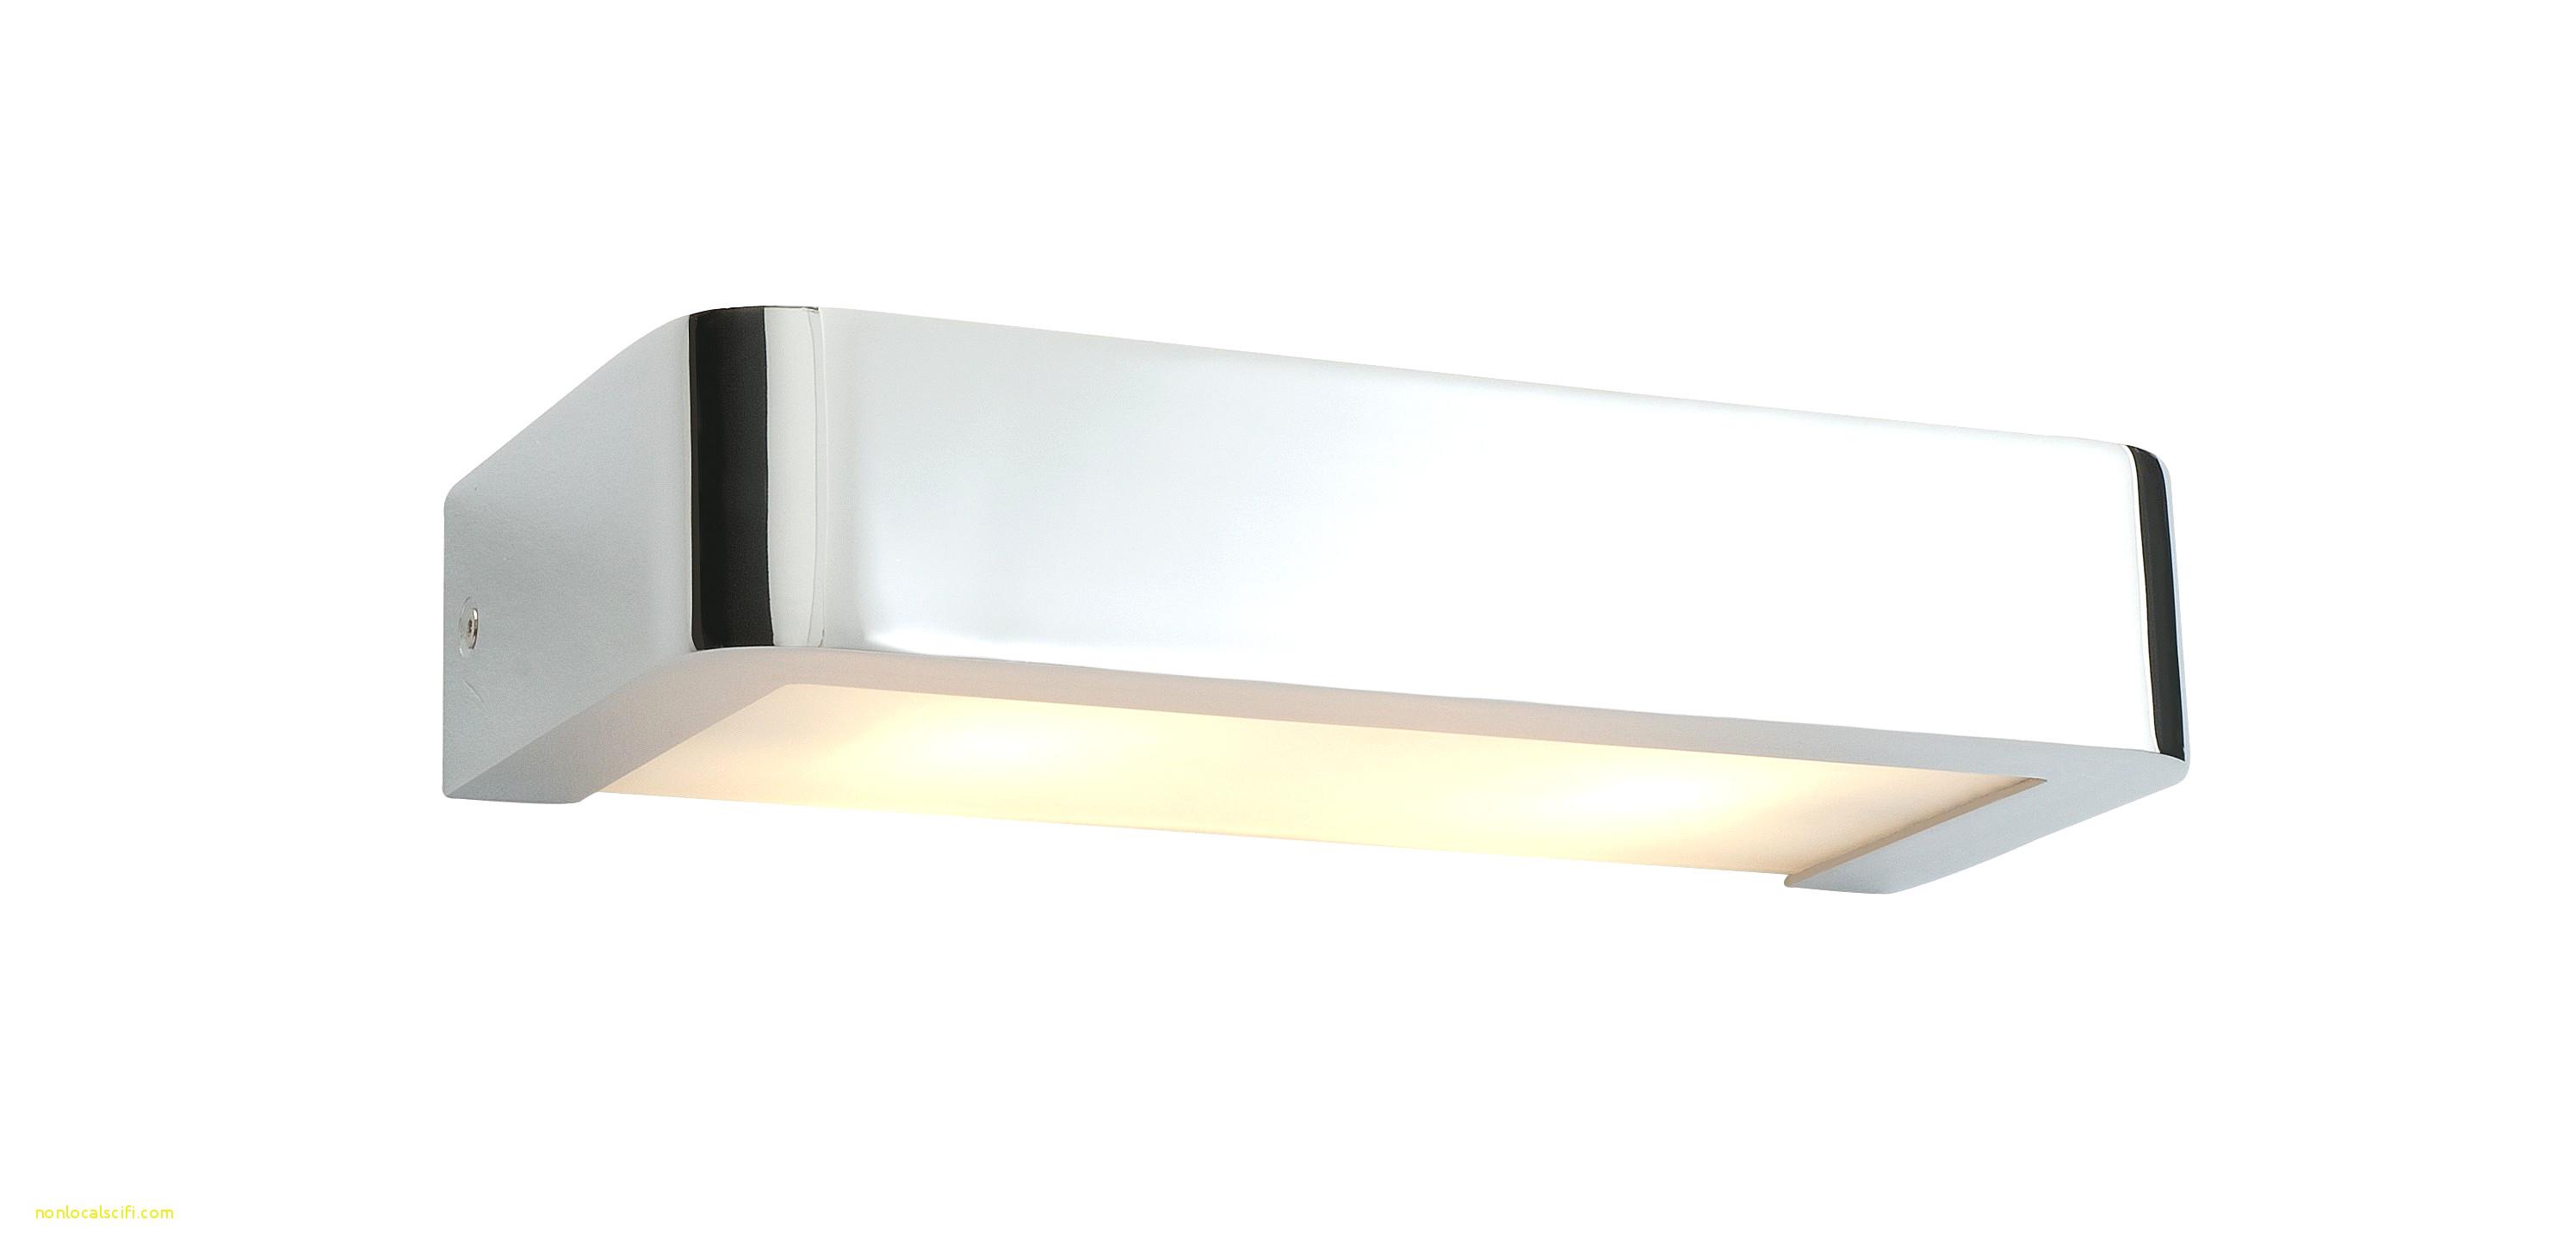 Applique Salle De Bain Avec Interrupteur Ikea Unique Images Résultat Supérieur 98 élégant Applique Miroir Salle De Bain Avec